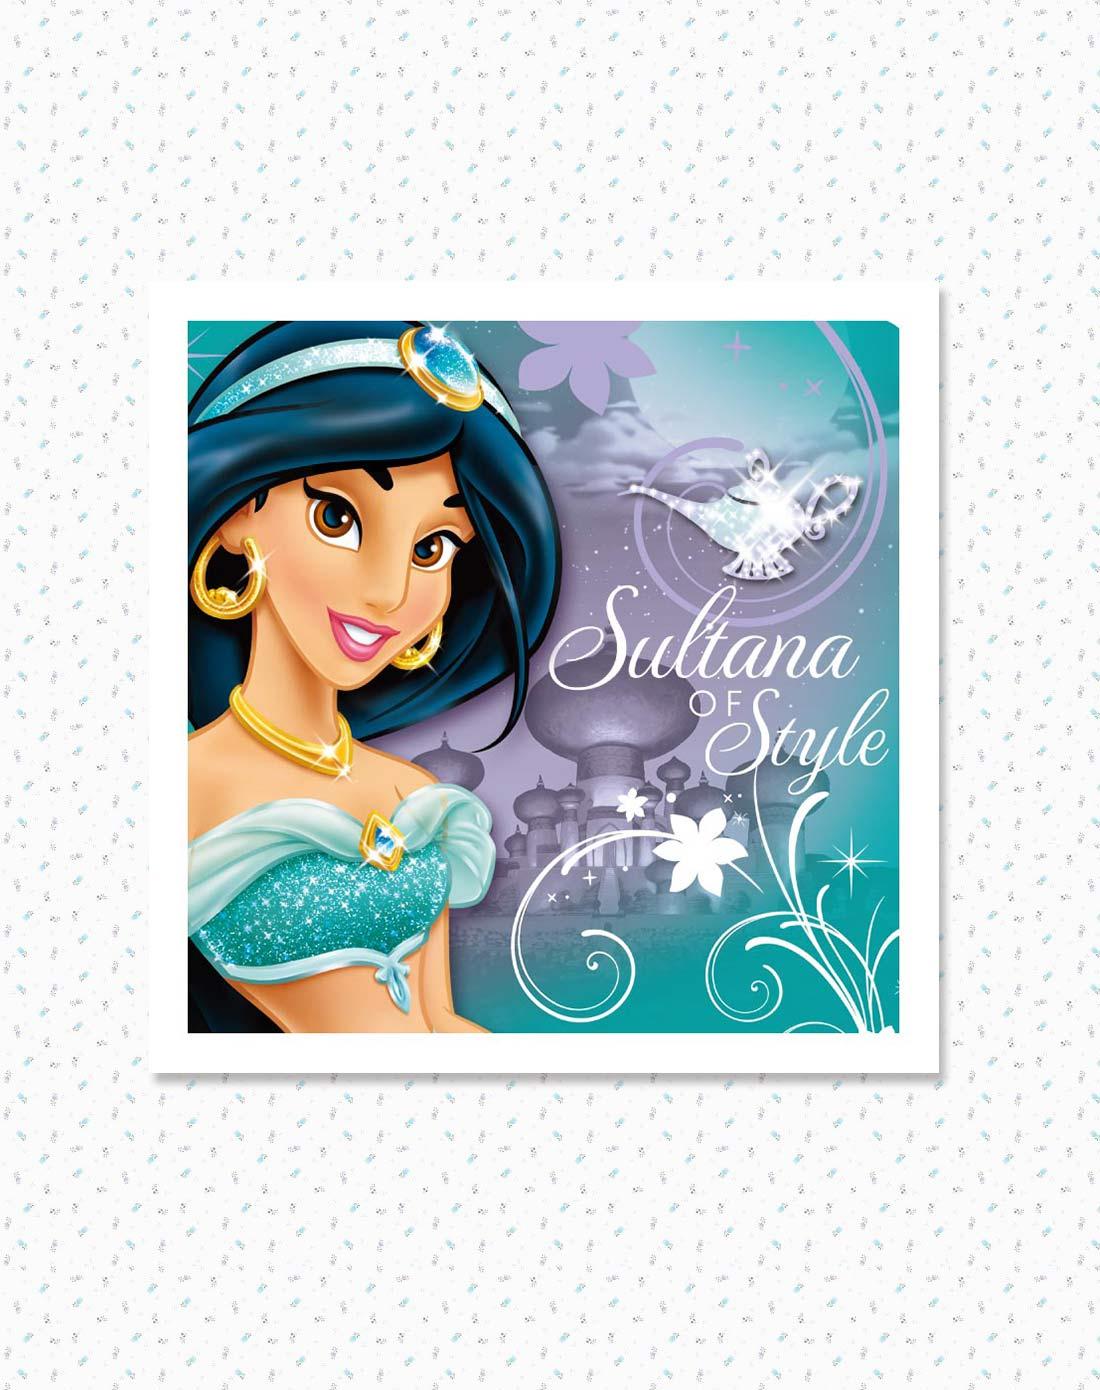 迪士尼disney儿童家具专场挂画-茉莉公主欢乐时光